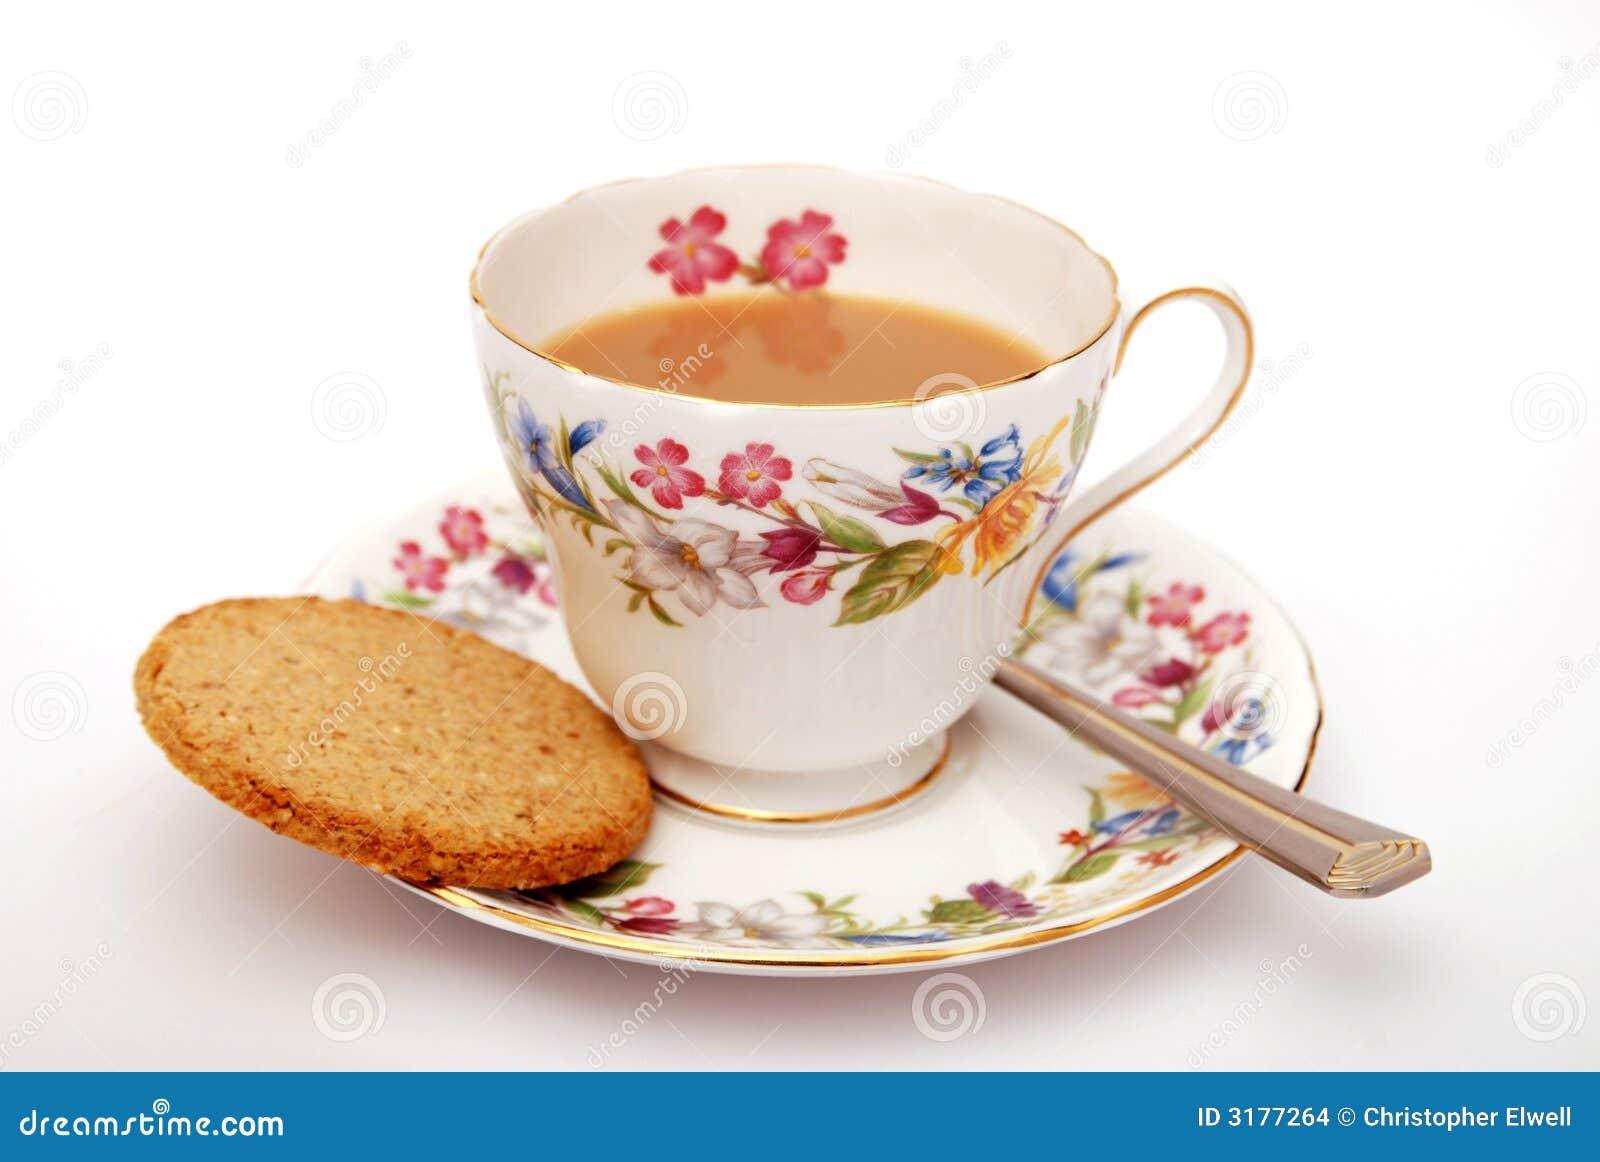 Biskwitowa angielskiej herbaty